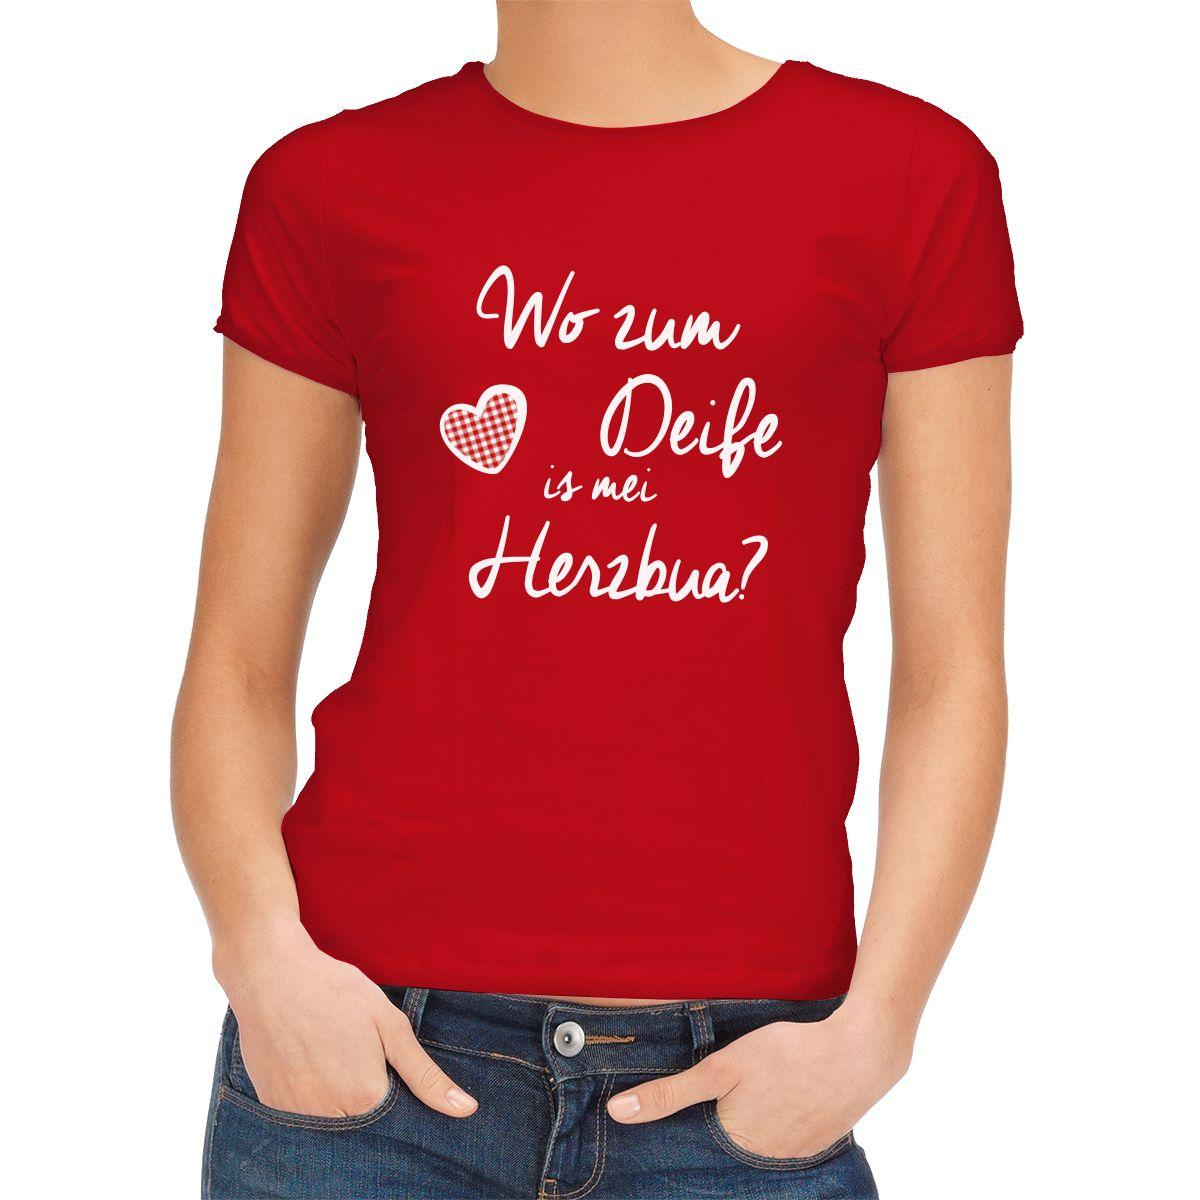 http://trachtenmode-dirndl-lederhosen.de/t-shirts/226-trachten-t-shirt-rot-wo-zum-deife-is-mei-herzbua-.html